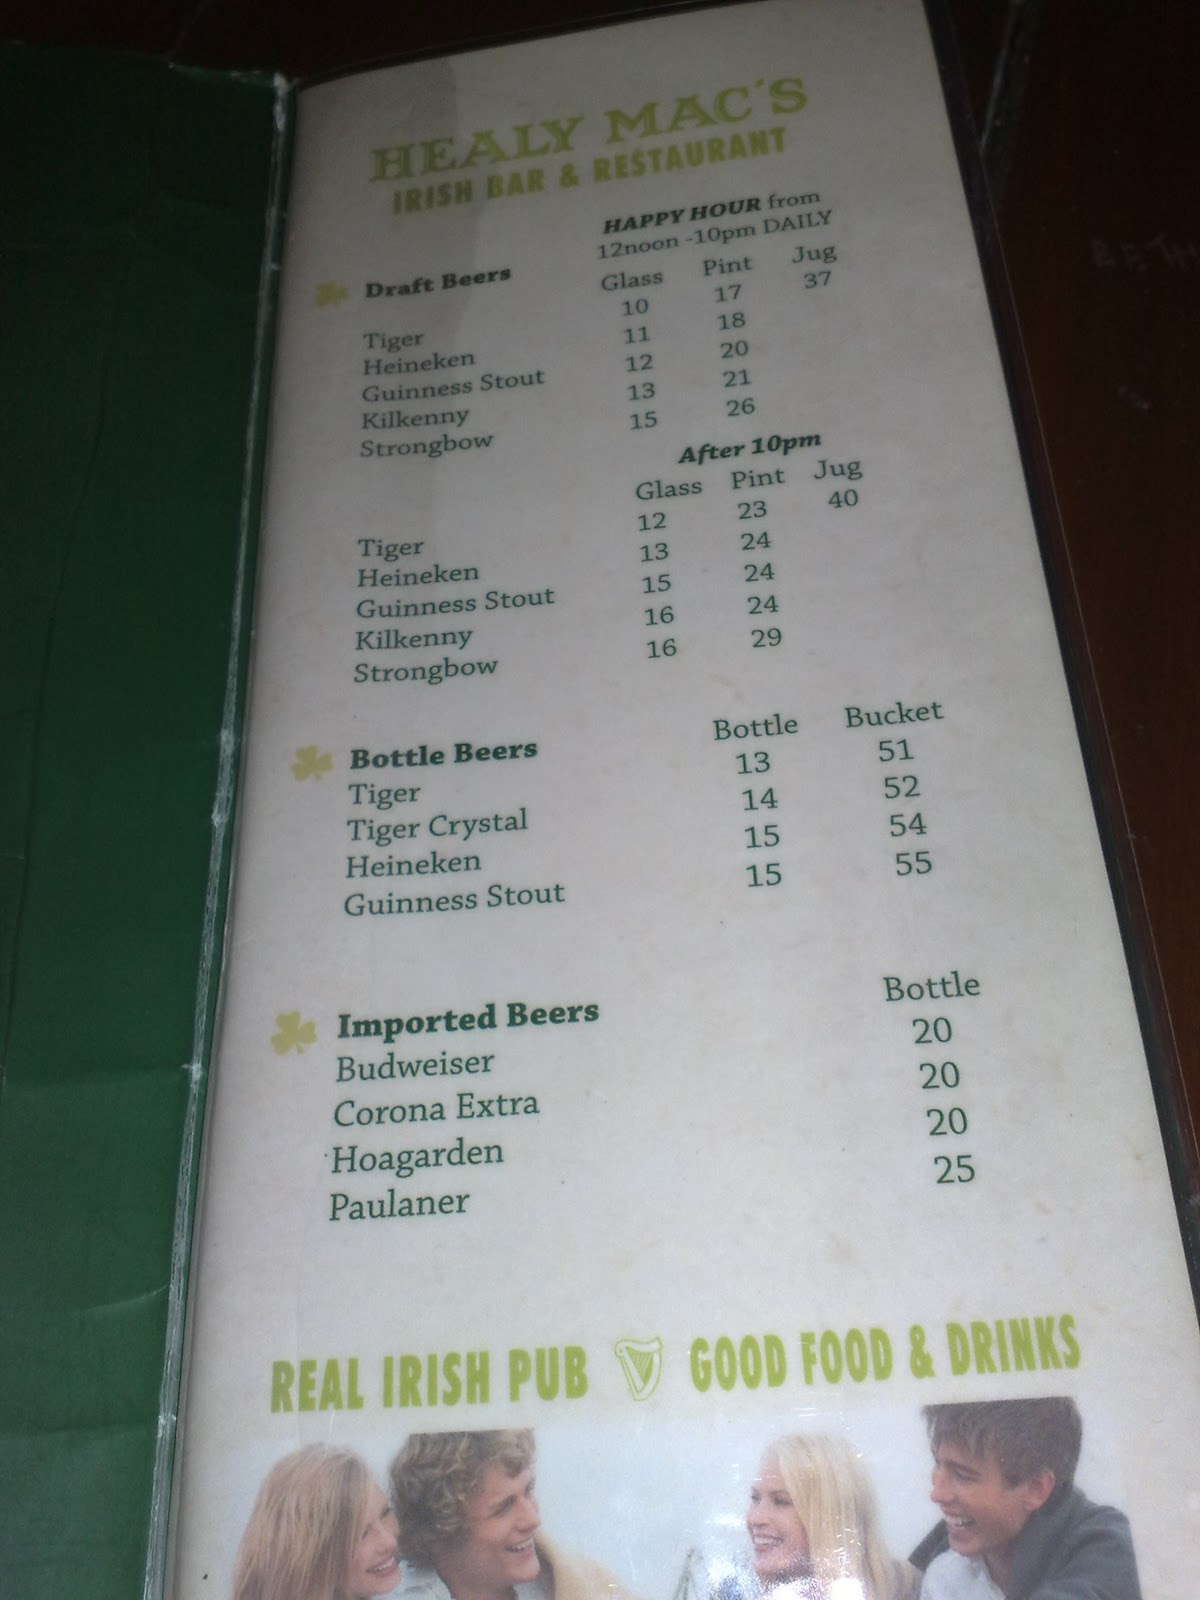 Healy Mac S Irish Bar Restaurant Penang Menu